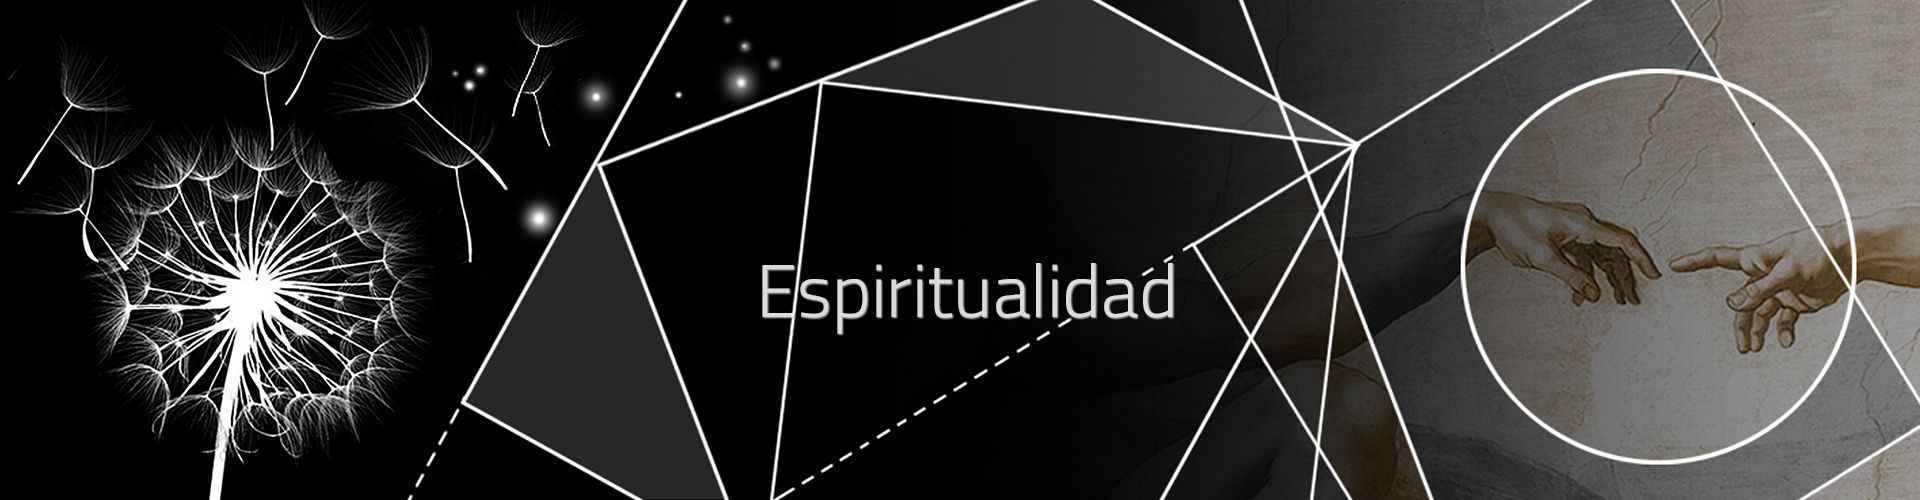 Cabecera Espiritualidad